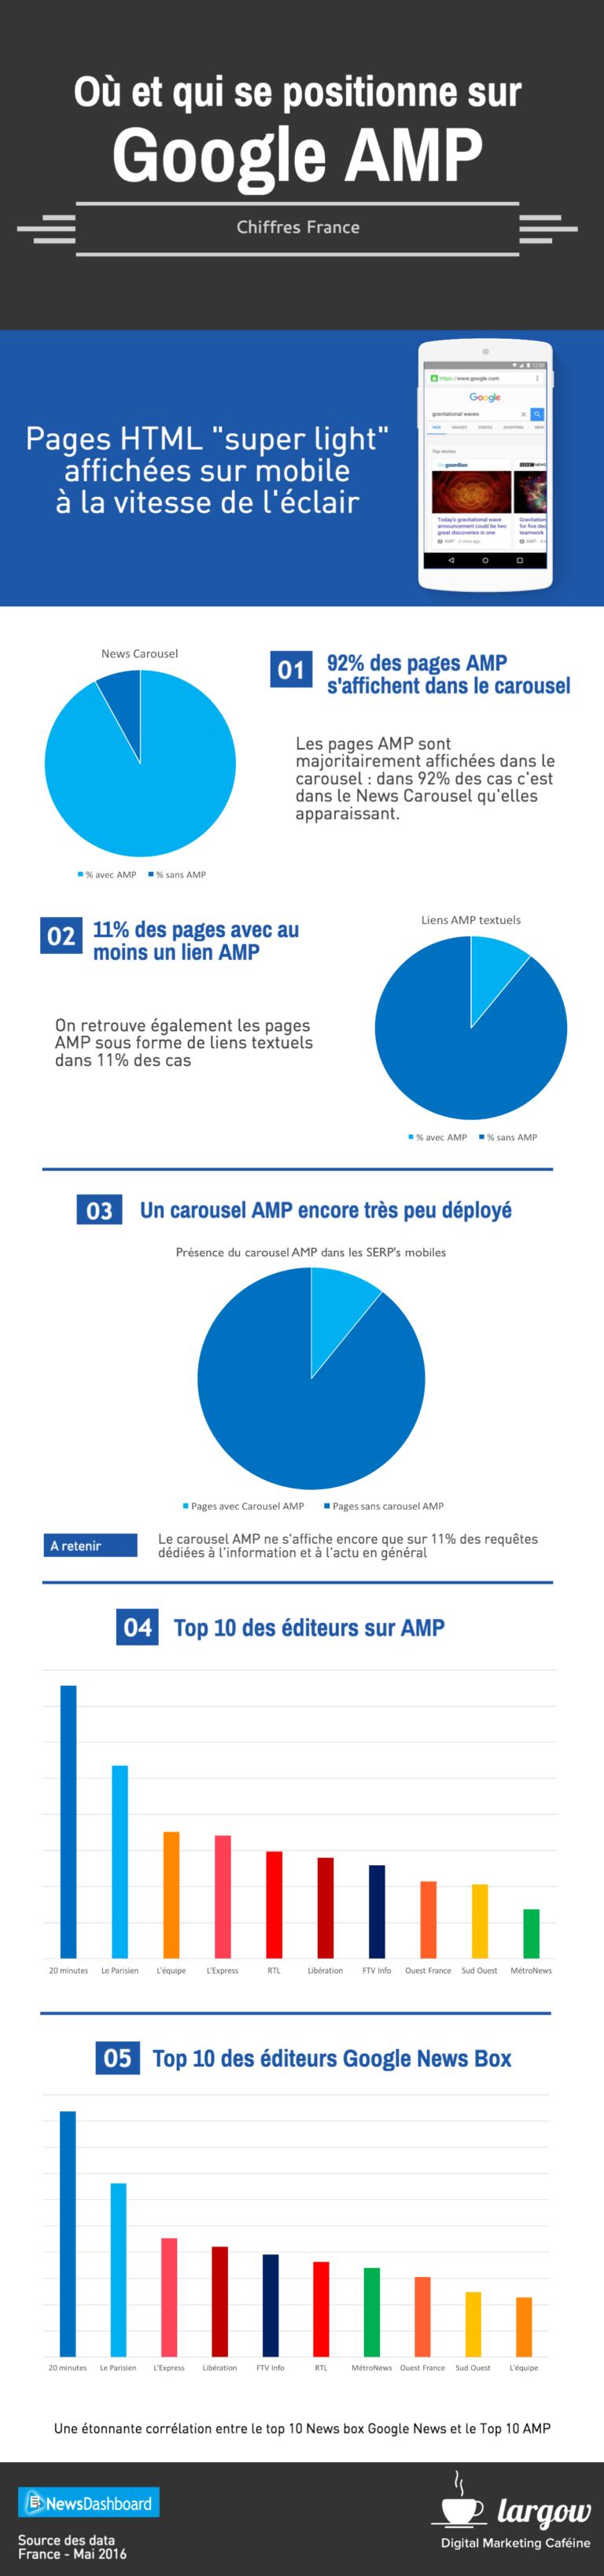 infographie-google-amp-france